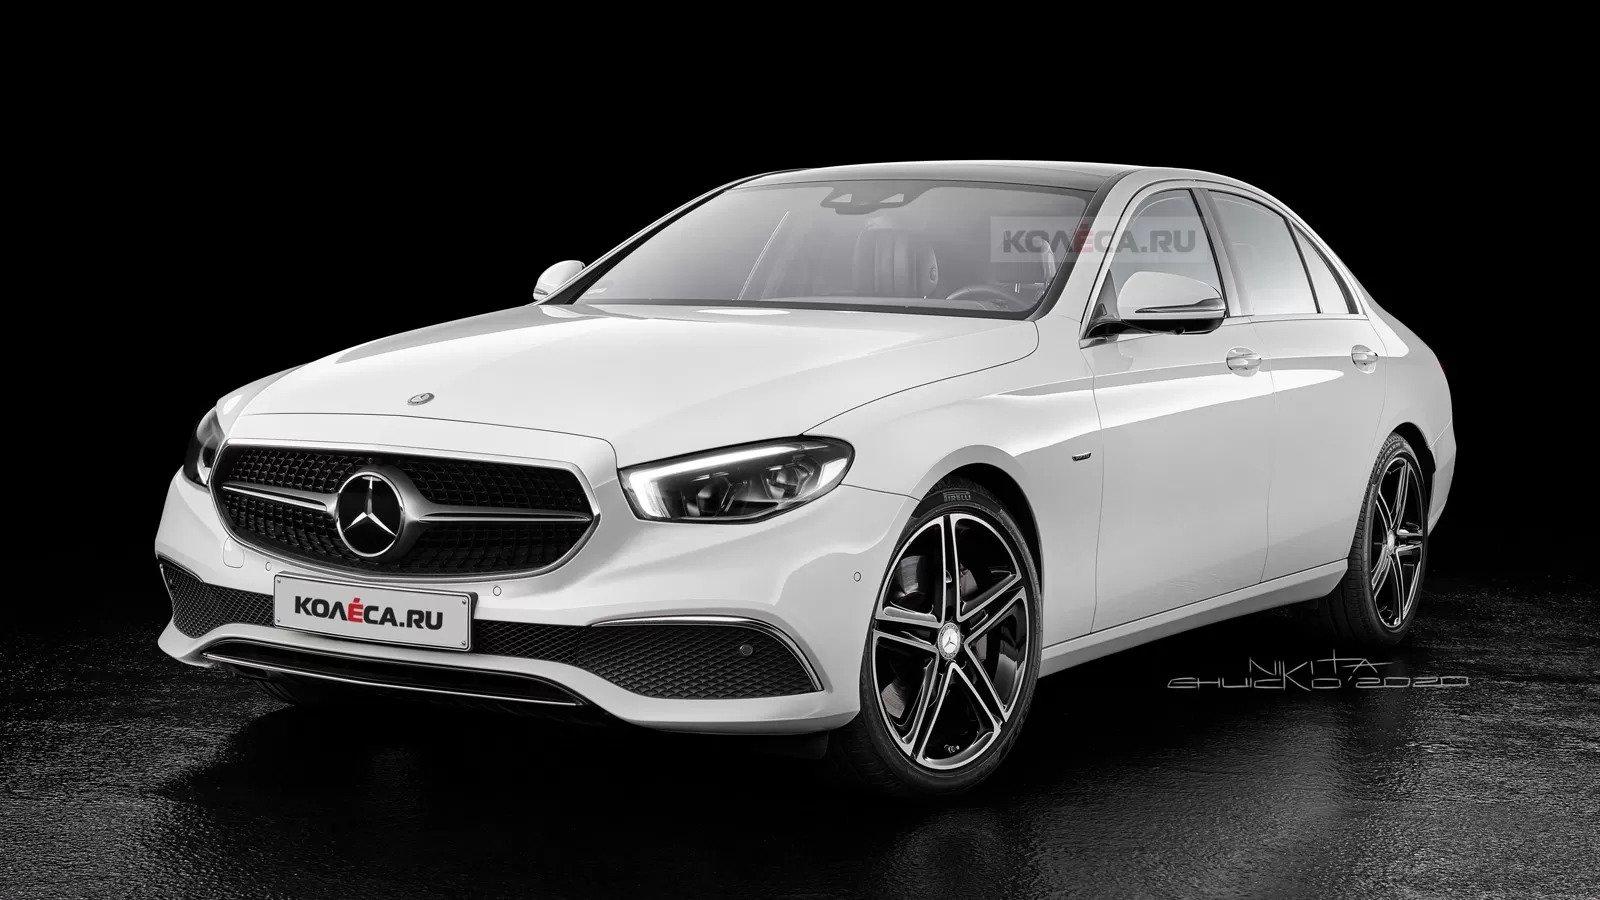 Nuova Mercedes-Benz Classe E 2020, il Rendering svela il Design in Anteprima